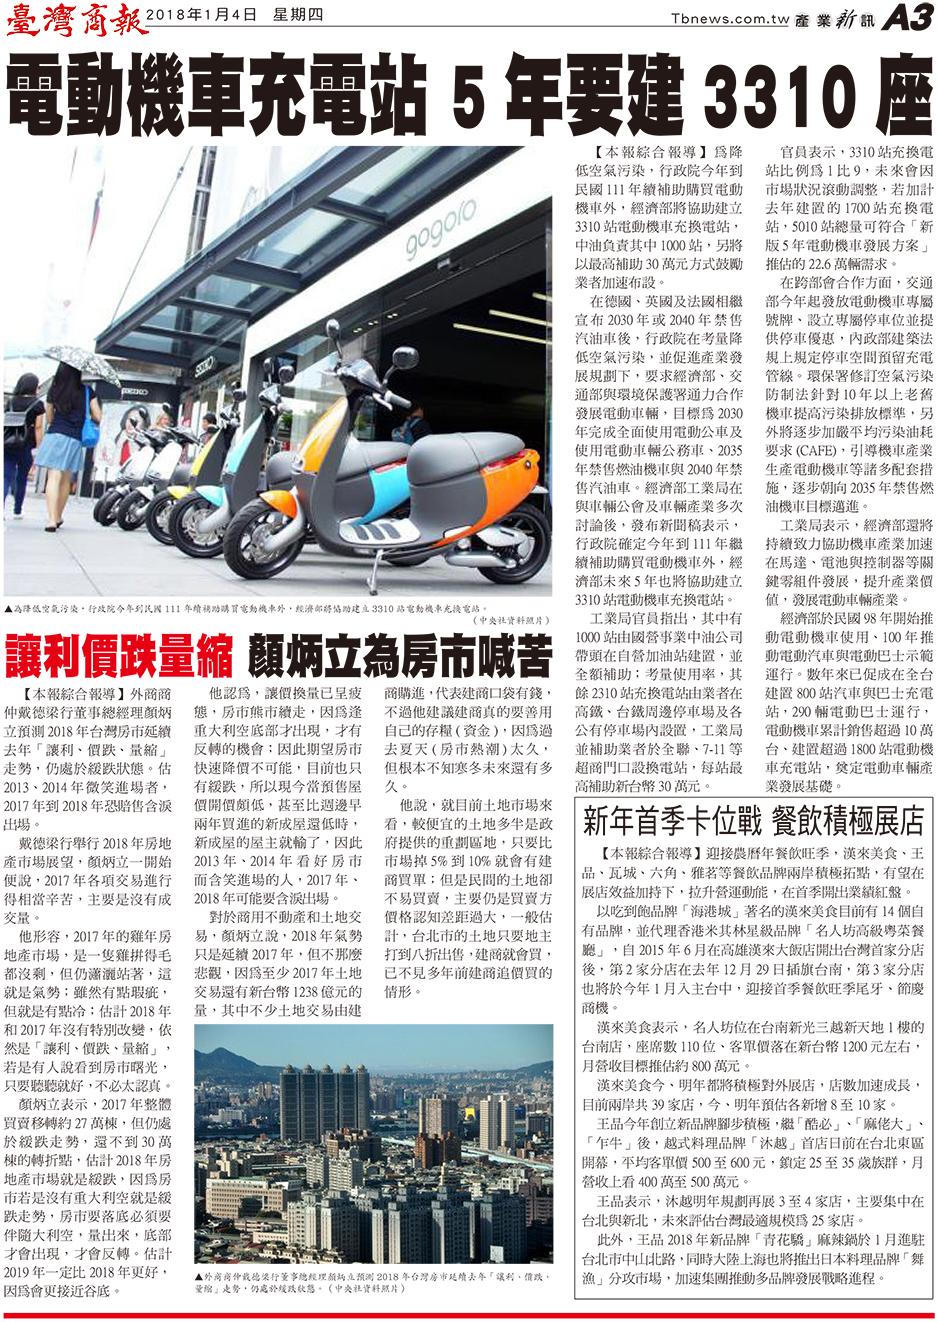 電動機車充電站 5 年要建 3310 座